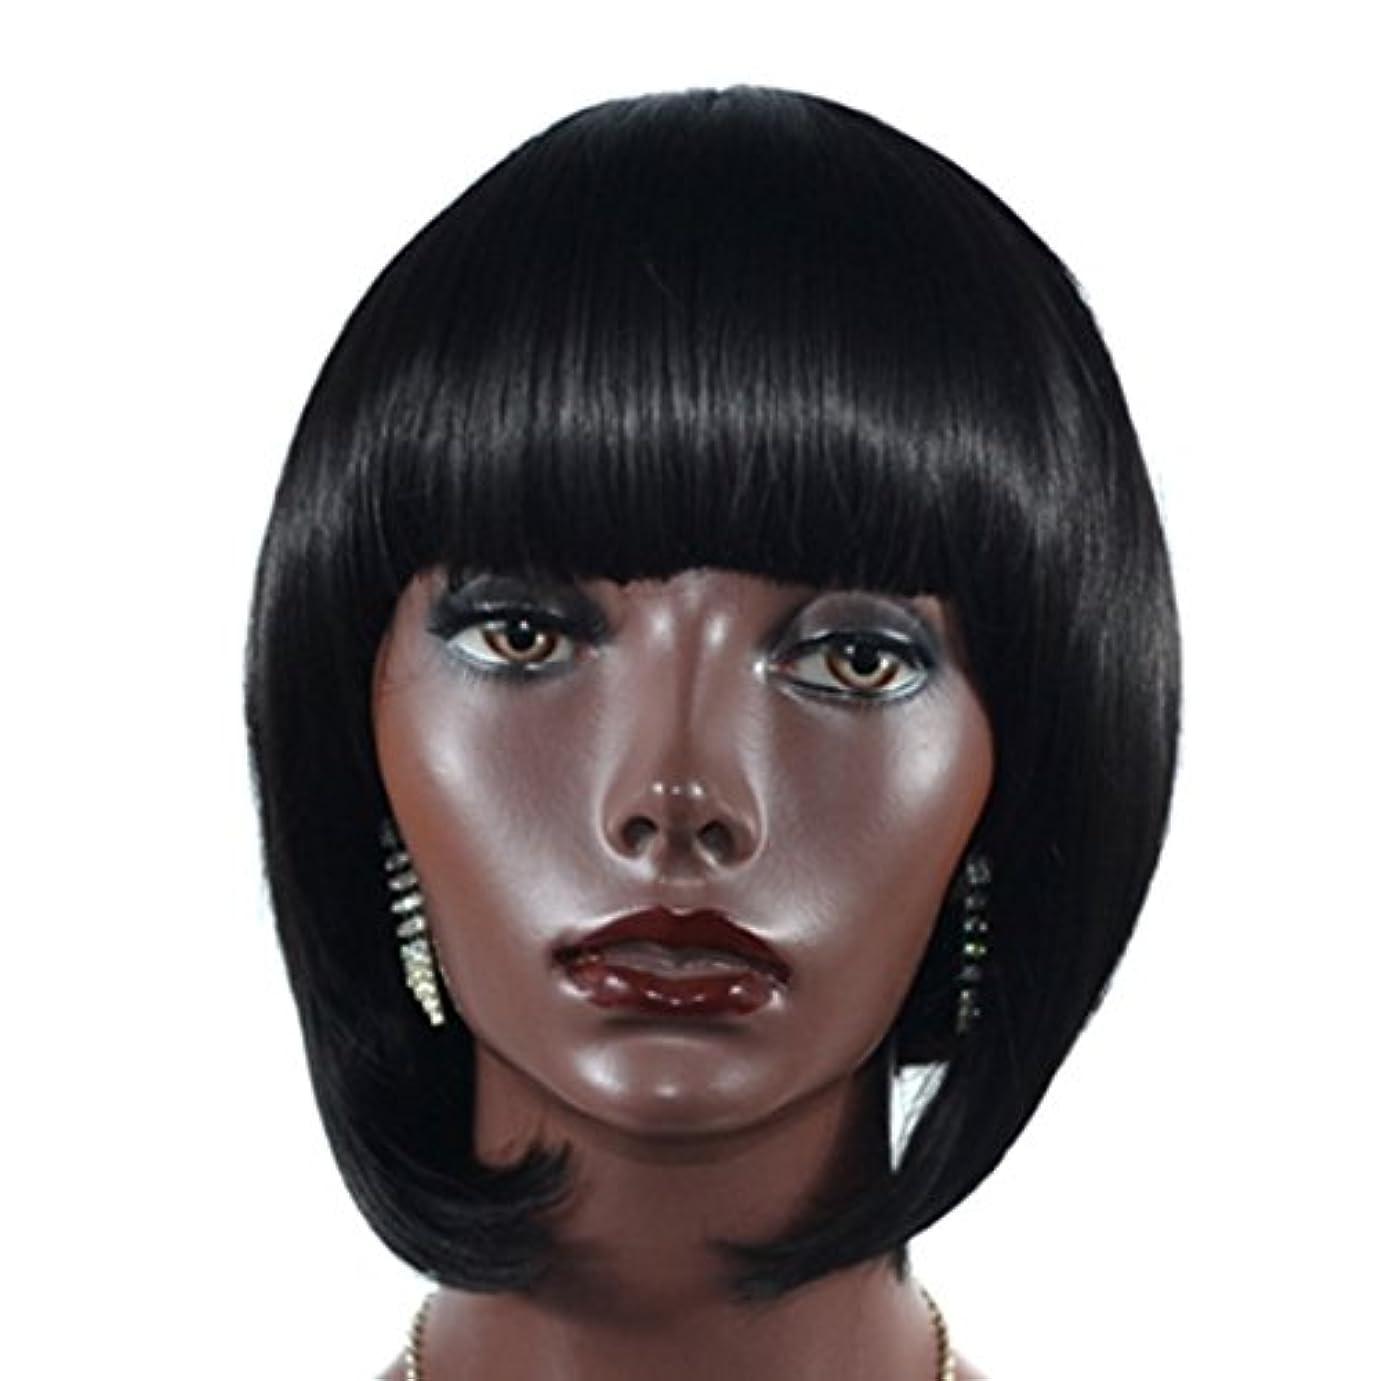 割り当てます火炎驚きYOUQIU フラット前髪ウィッグウィッグとの自然なリアルなガールズウィッグ-25センチメートルボボショートストレートウィッグ黒髪 (色 : 黒)